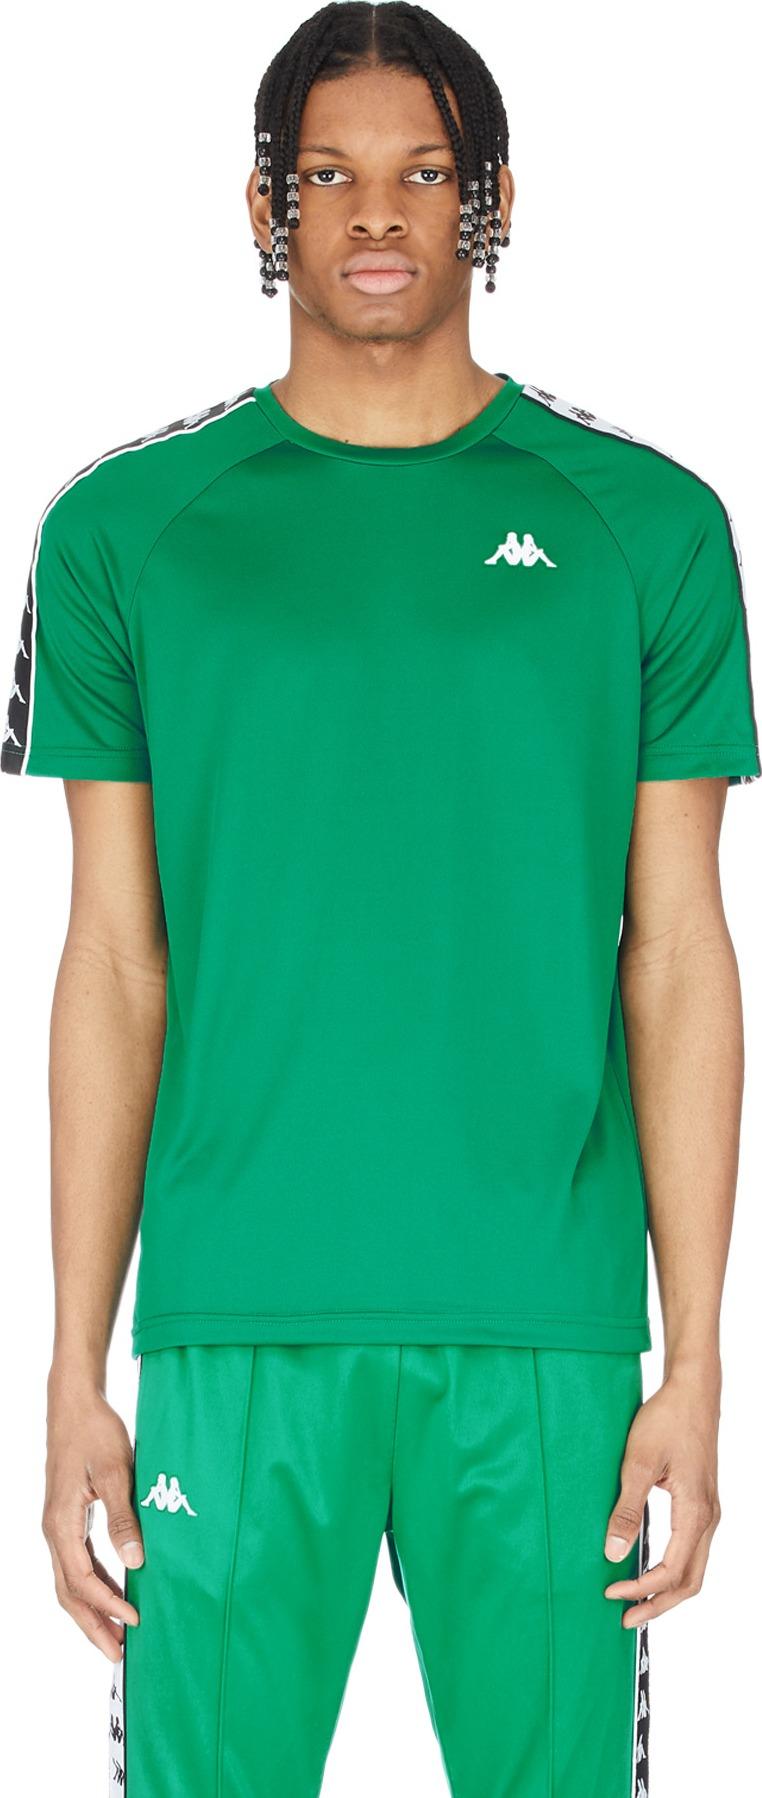 ddb92fb364 Kappa - 222 Banda Coenly Slim T-Shirt - Green/Black/White